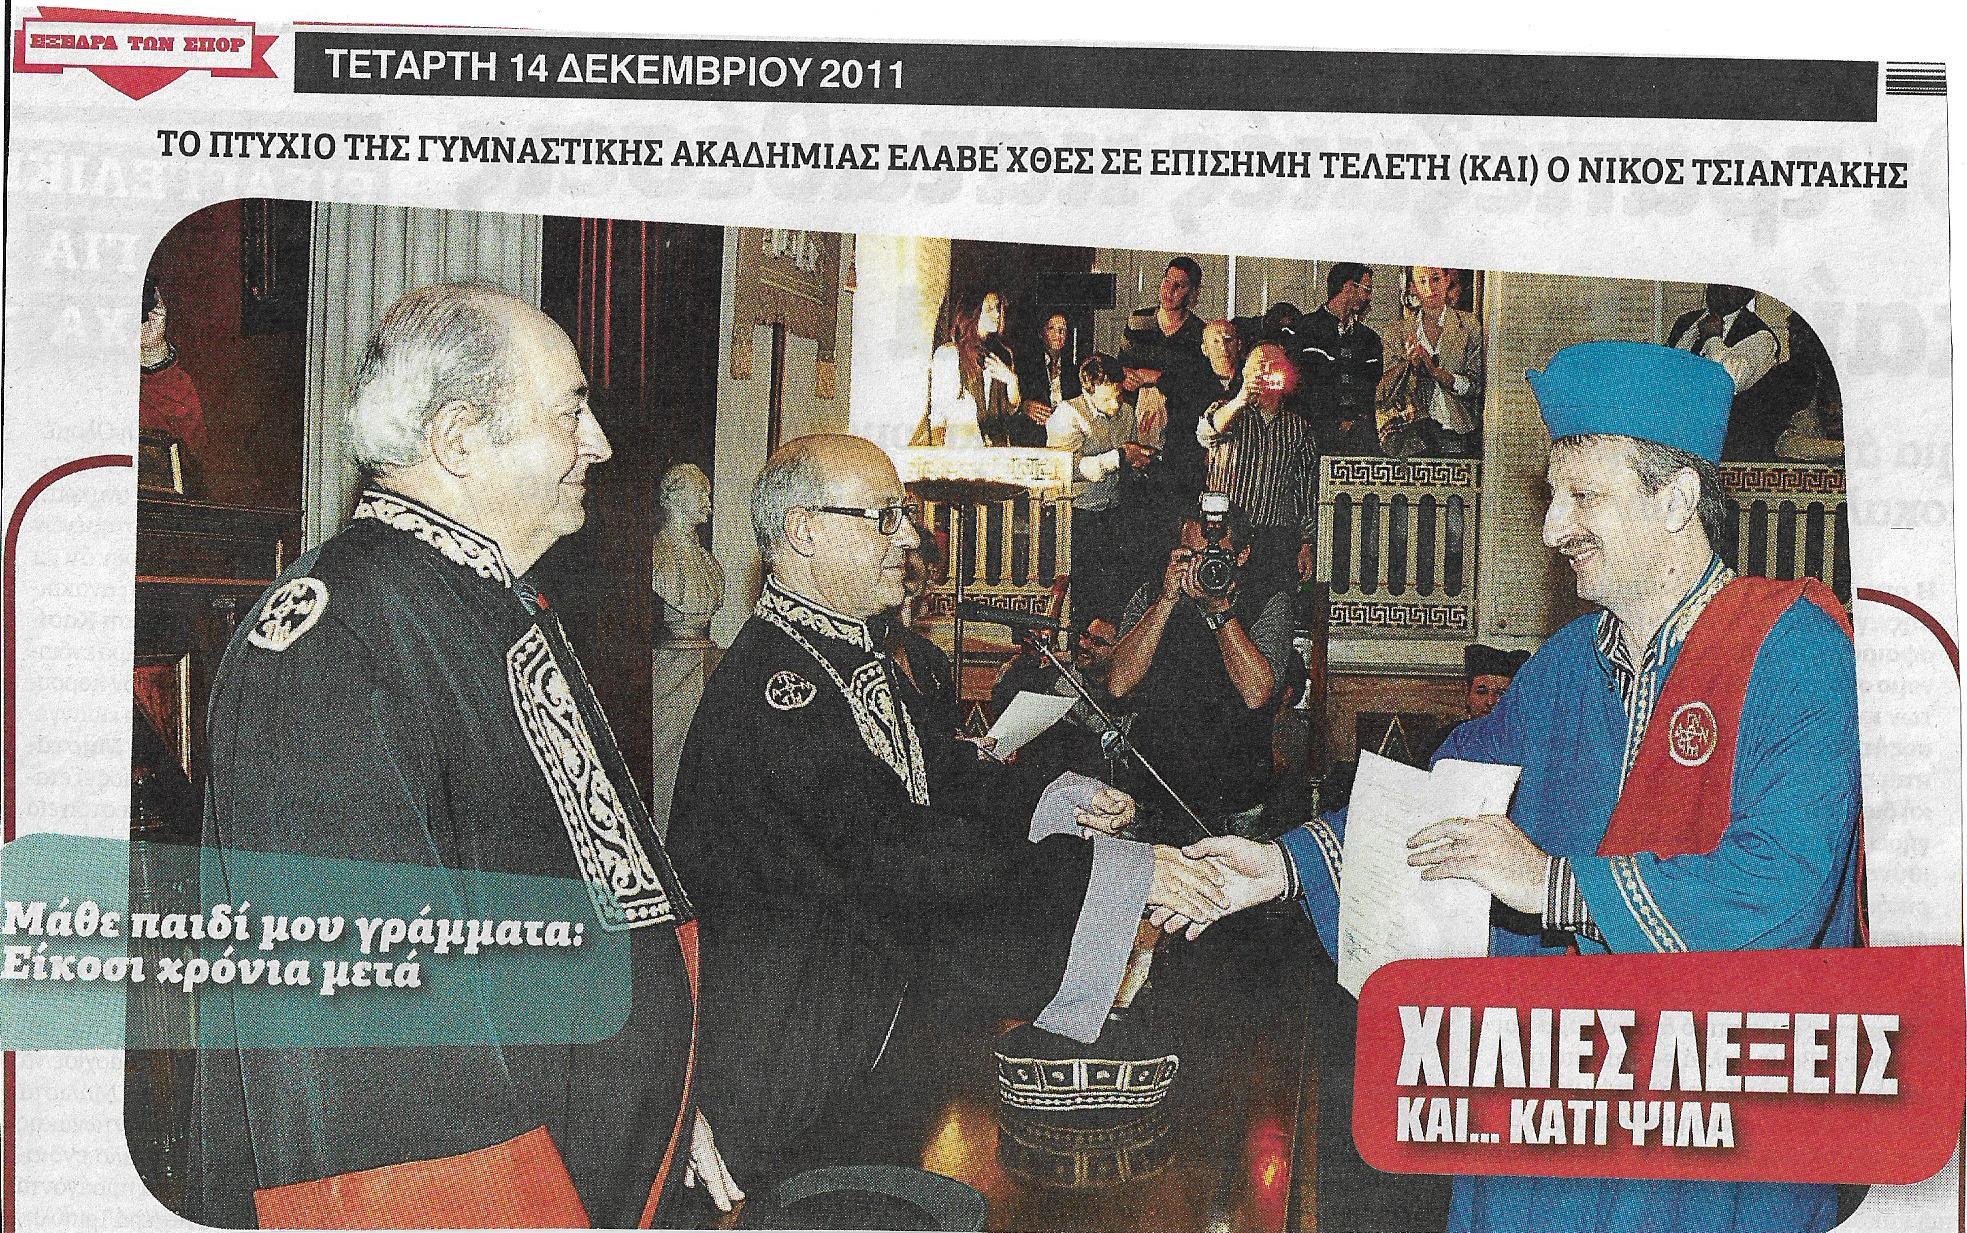 Ο πτυχιούχος Νίκος Τσιαντάκης